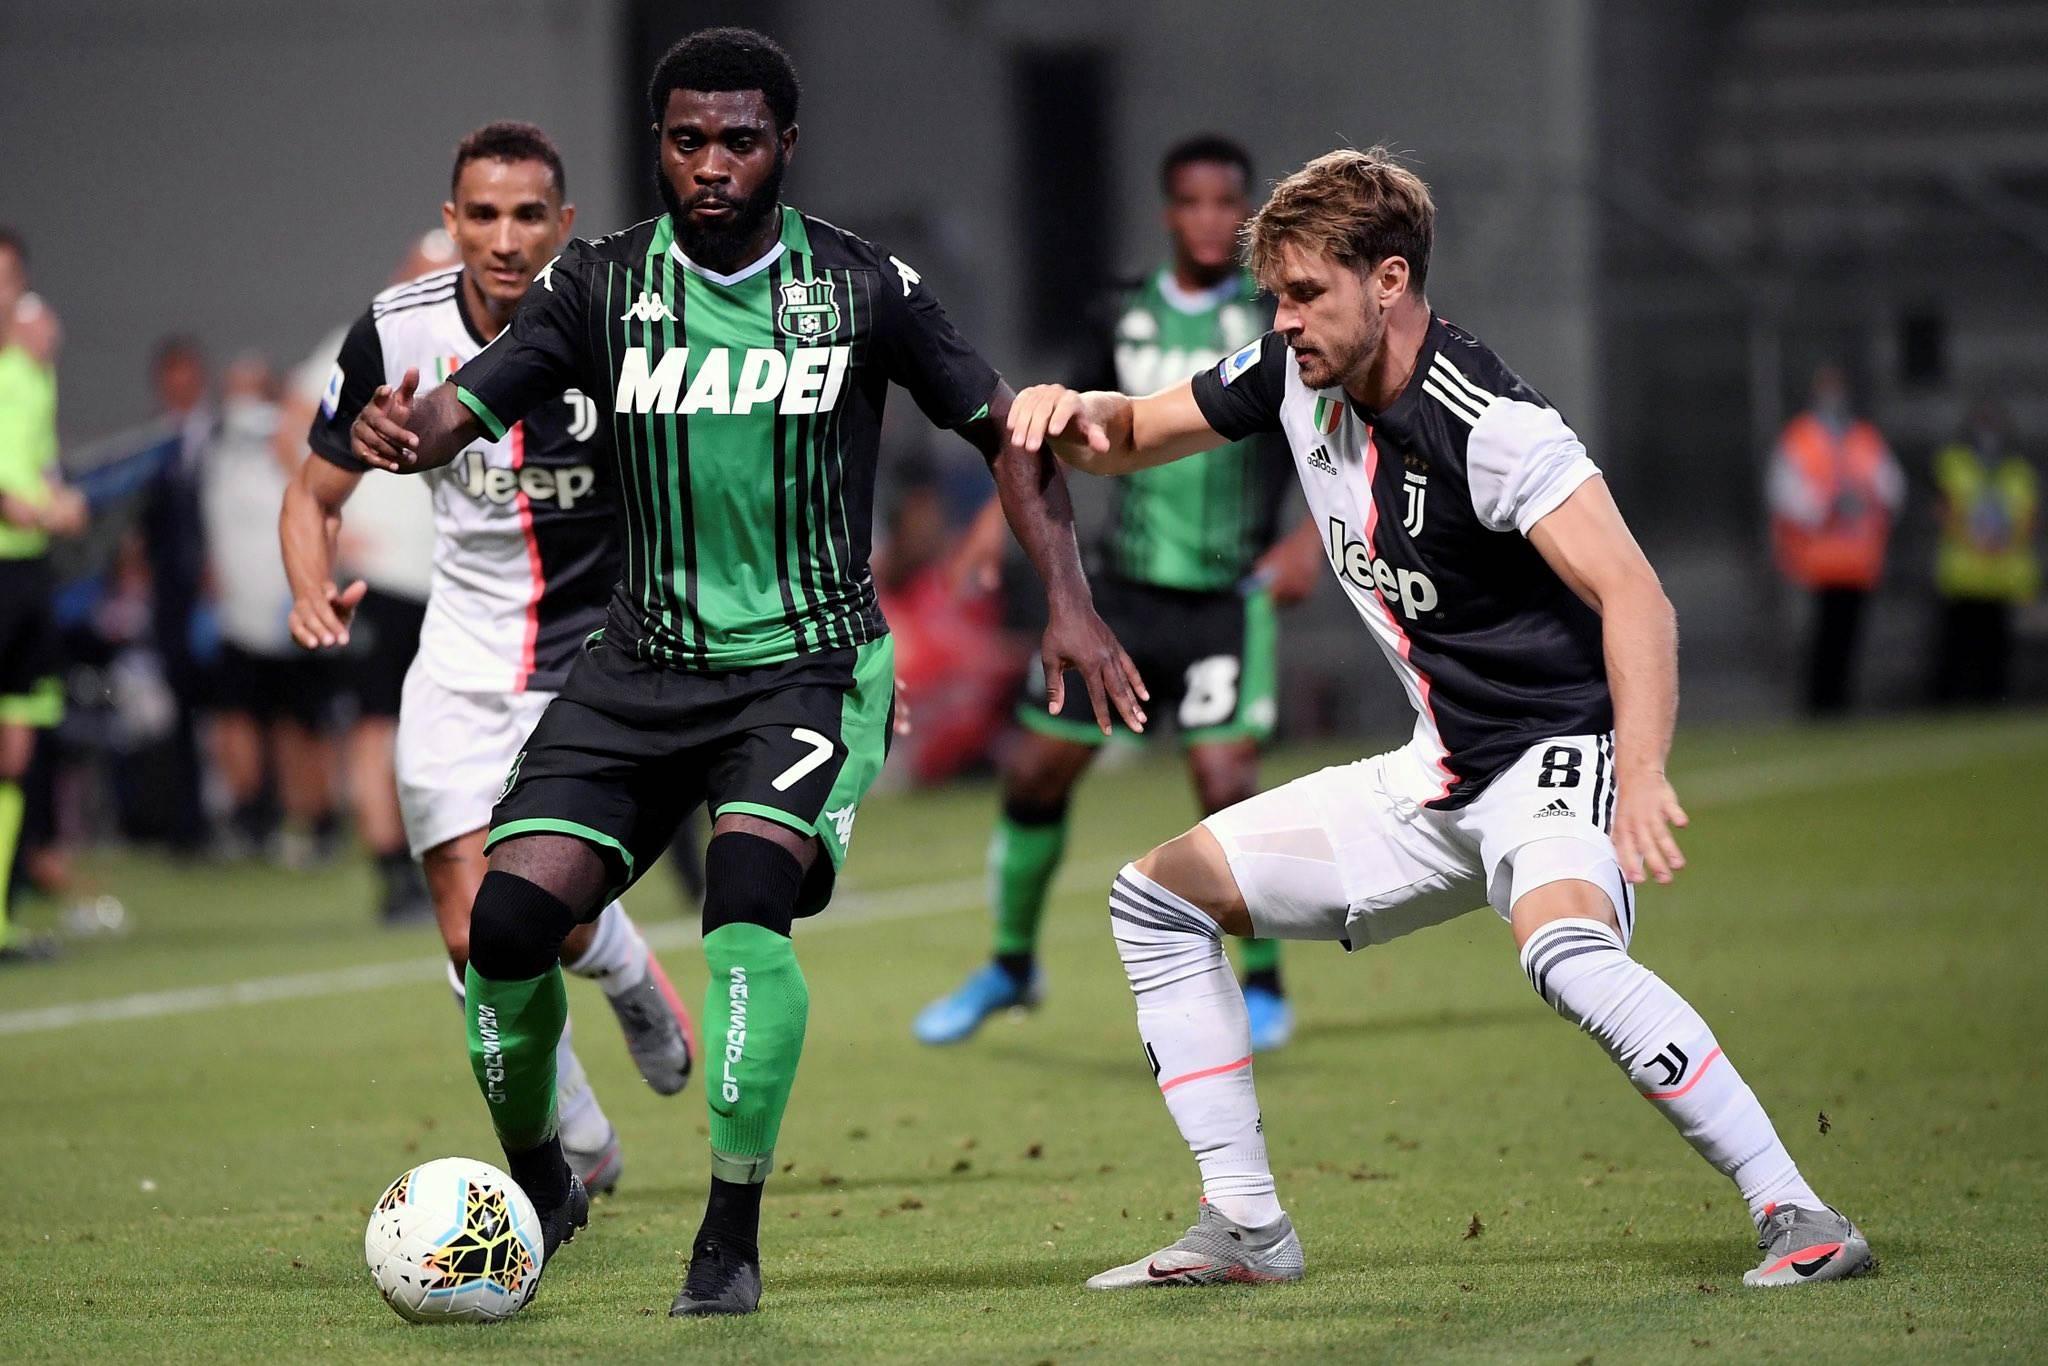 موعد مباراة انتر ميلان وساسولو في الدوري الايطالي